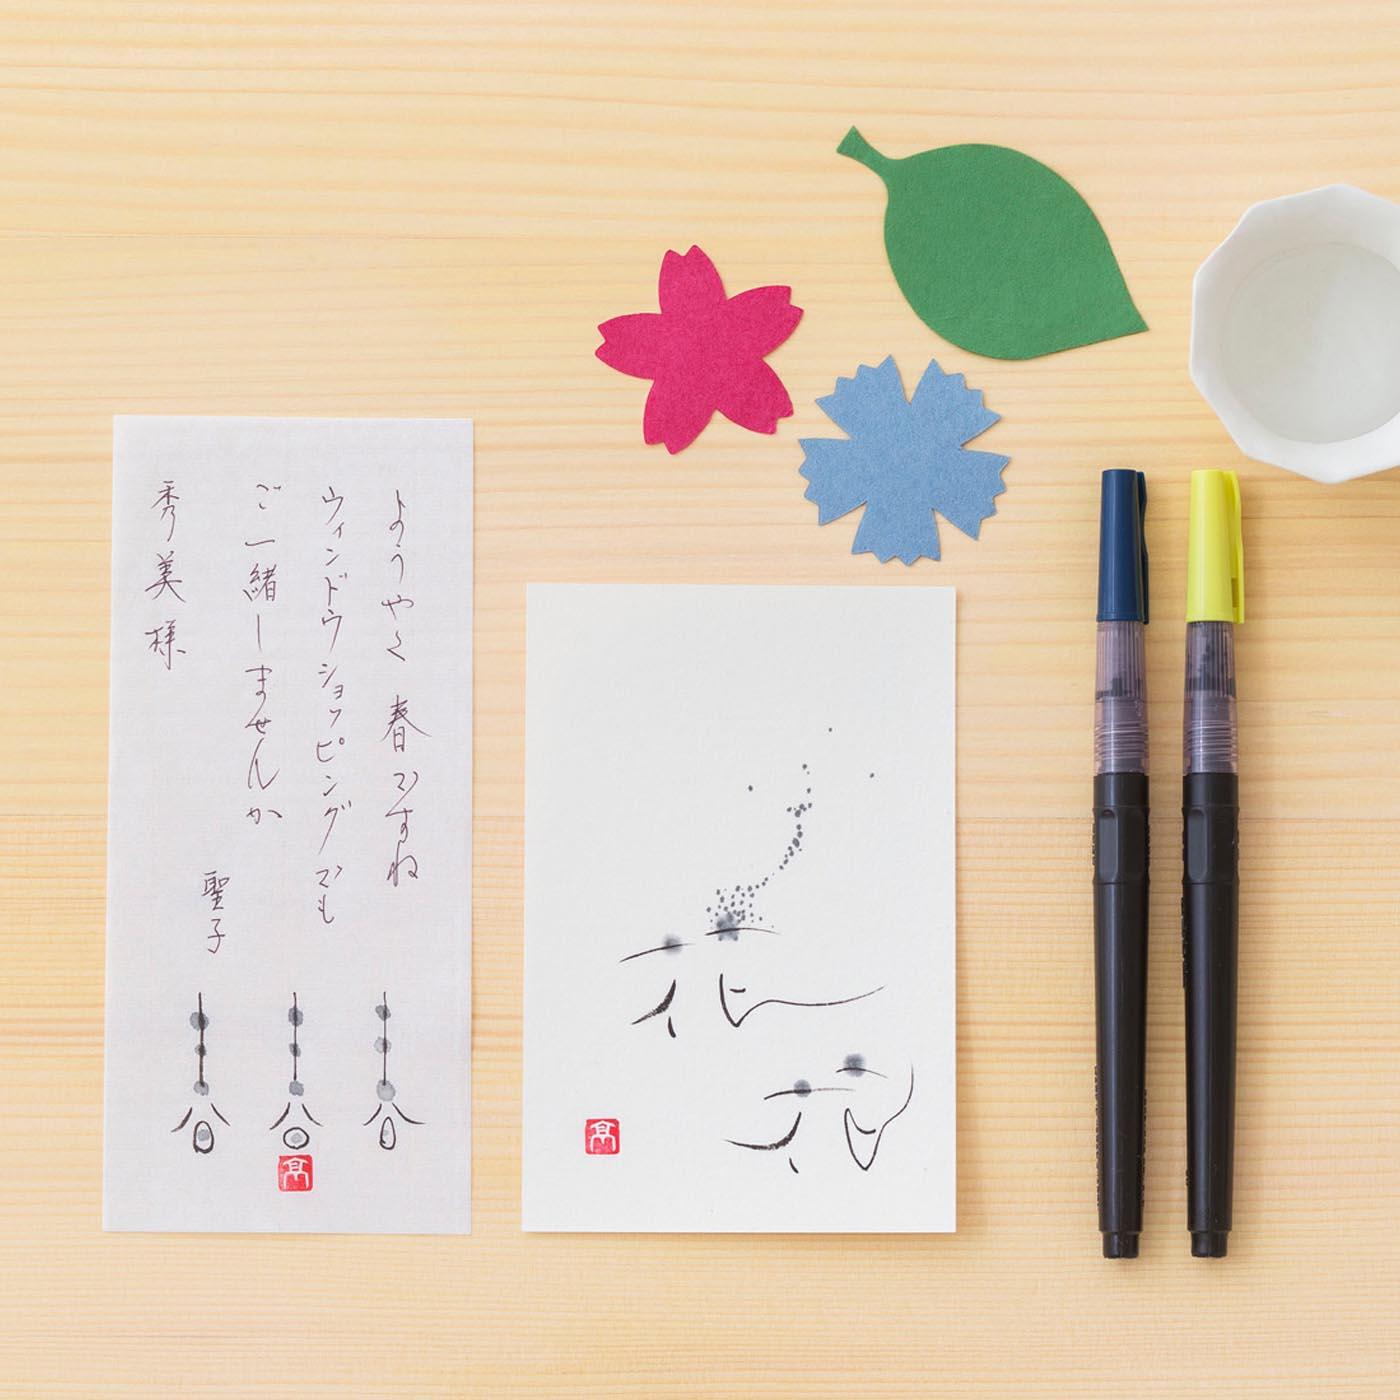 届いたその日からあなたも書家になれる。筆ペンで描くわたしの書 高砂流「創の書」生活編の会に必要な筆ペンです。